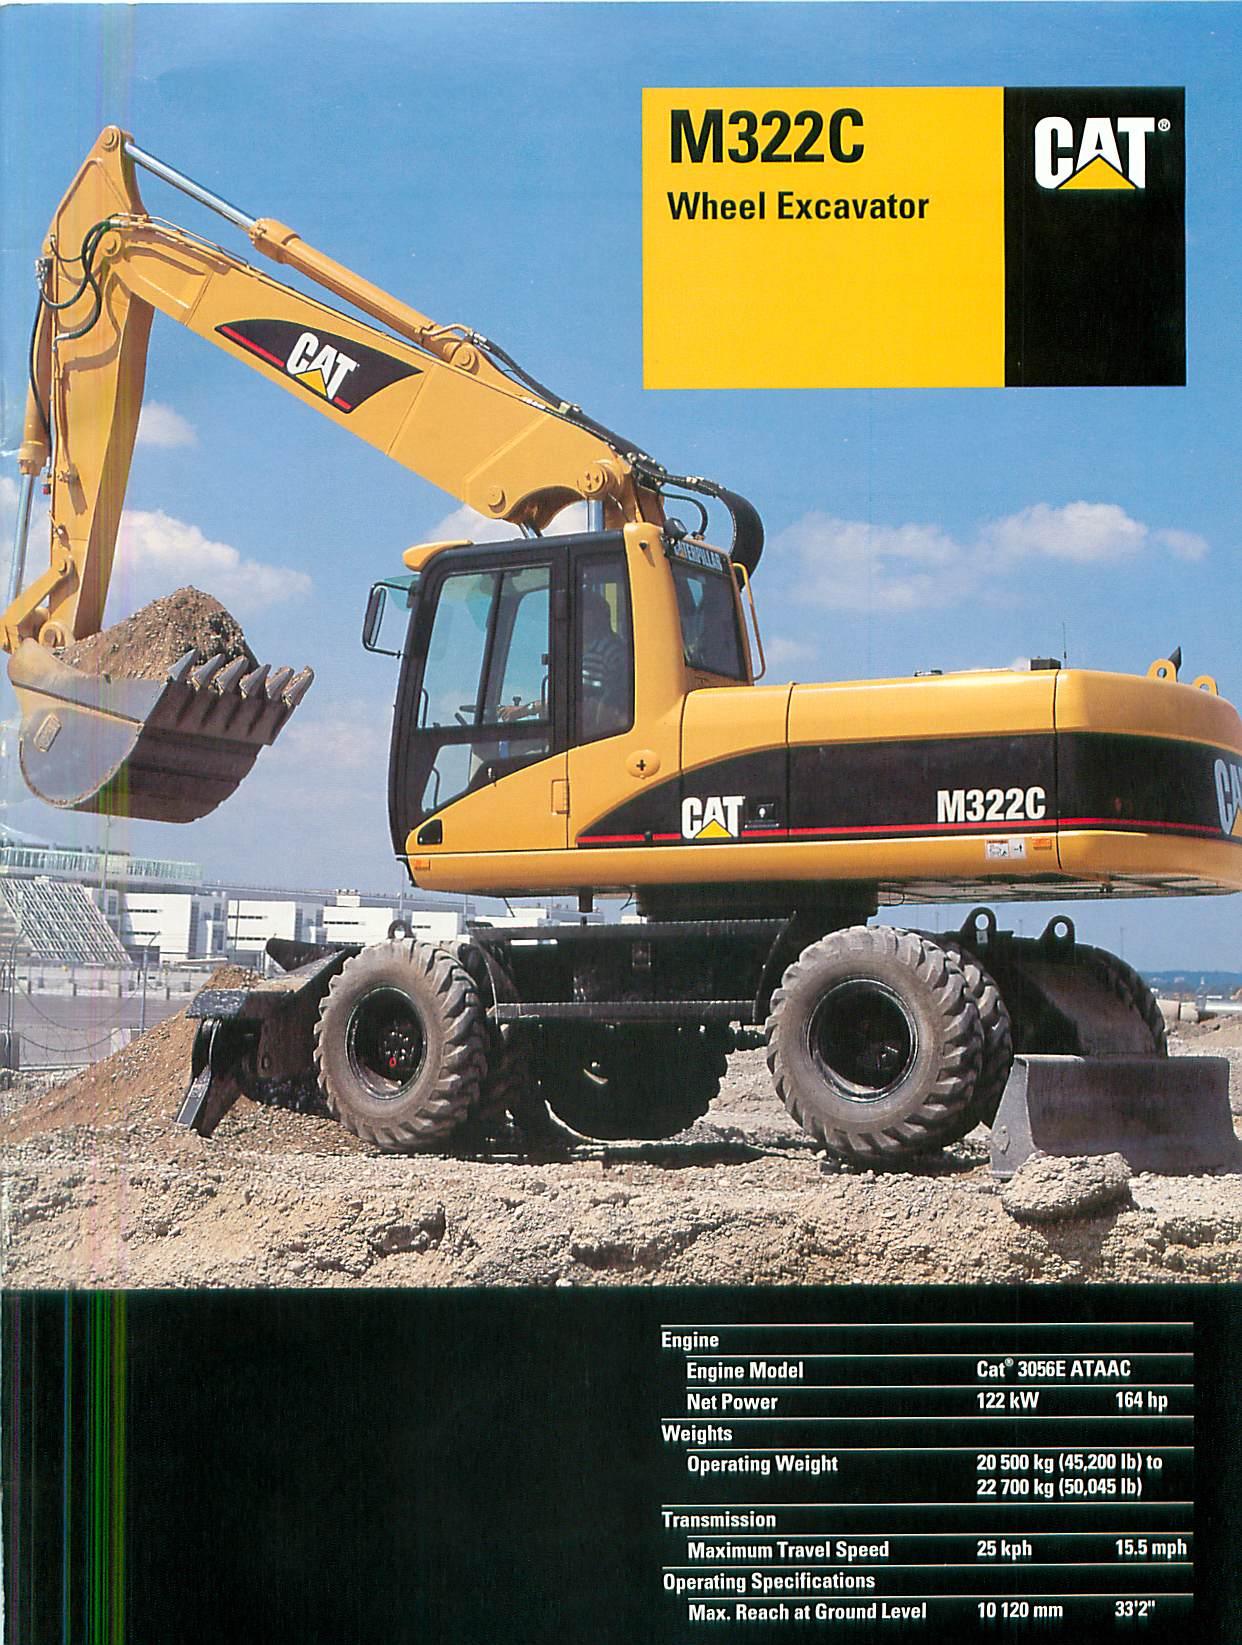 Cat M322c Rubber Tire Excavator 4wd